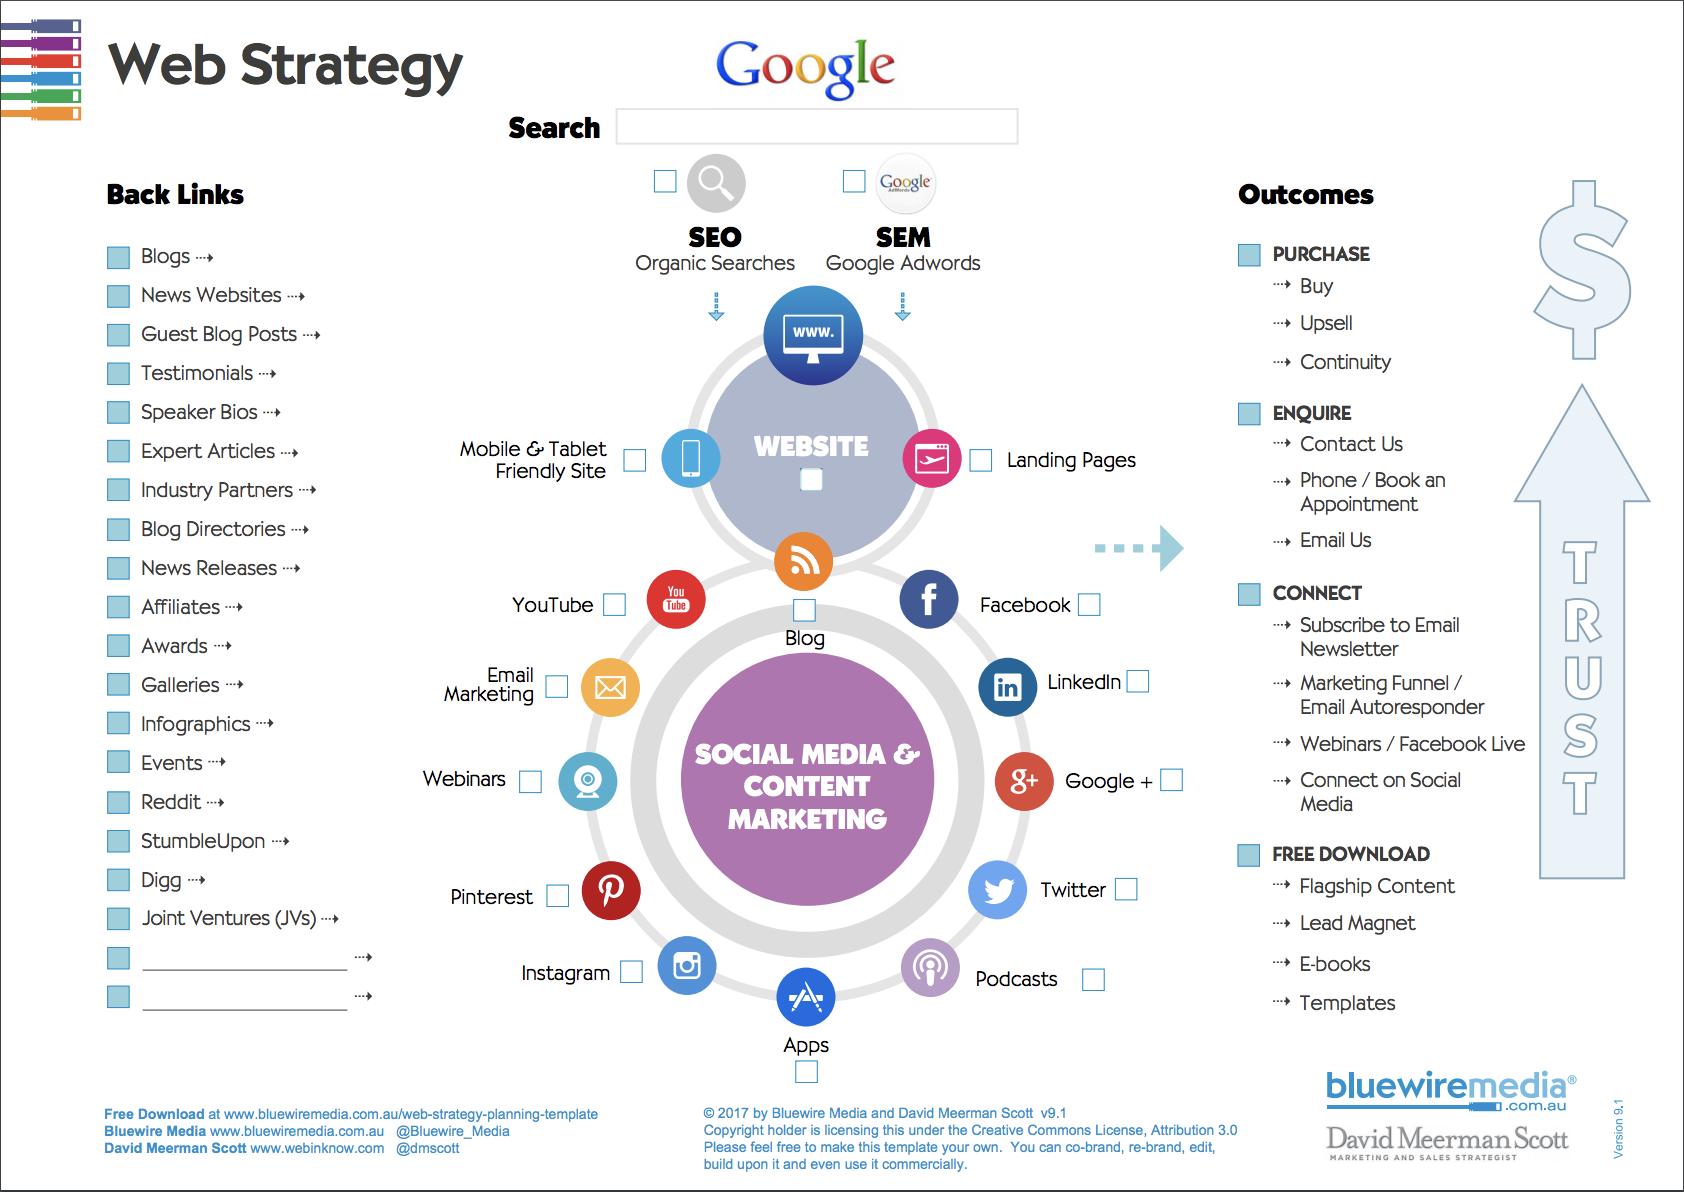 Marketing Strategy Template | David Meerman Scott